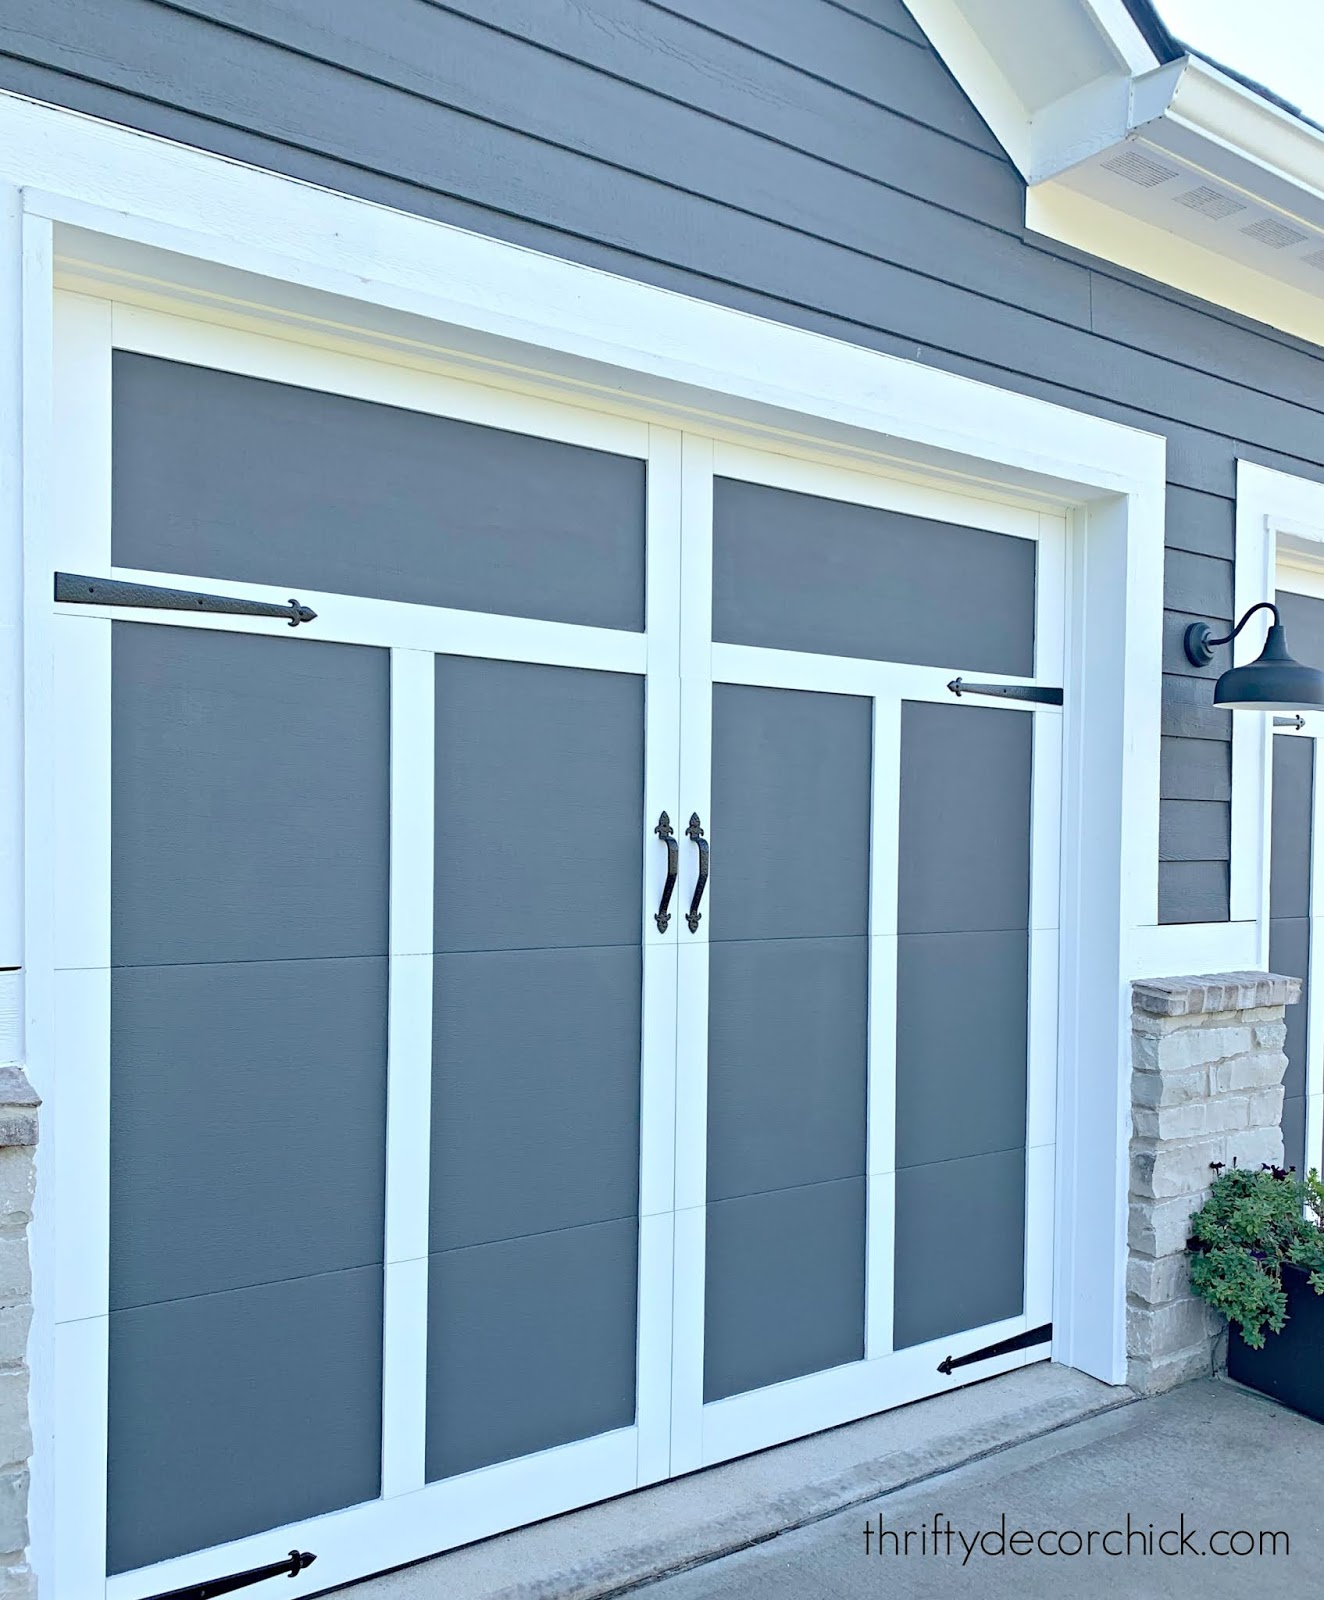 Somerset garage door design with hardware